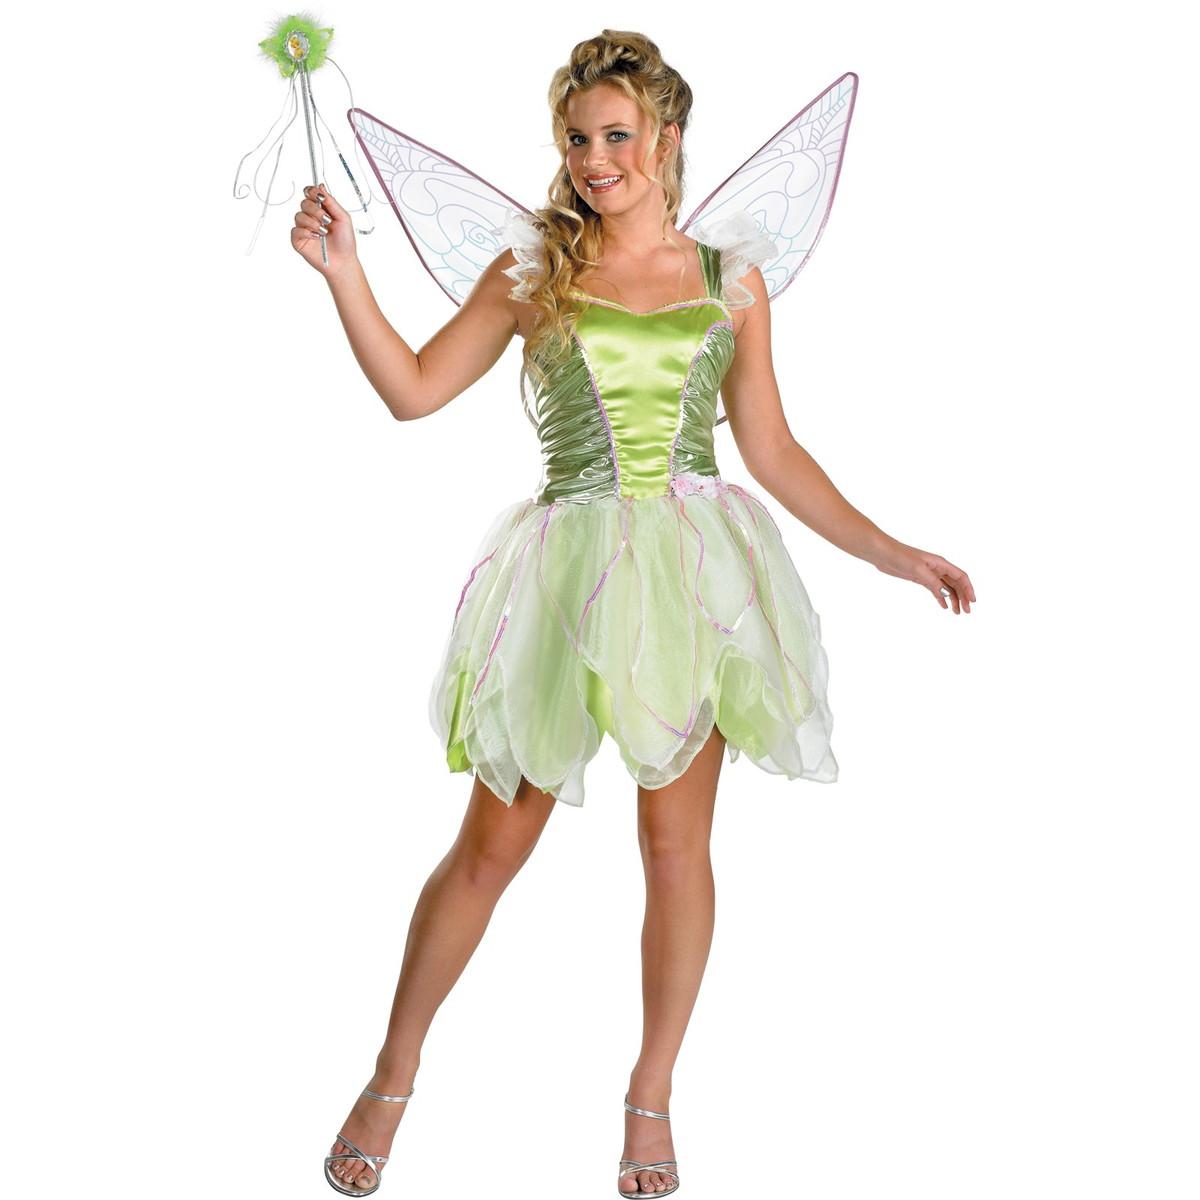 ティンカーベル コスチューム ドレス 大人 ディズニー コスプレ 女性 ピーターパン ティンク 衣装 仮装